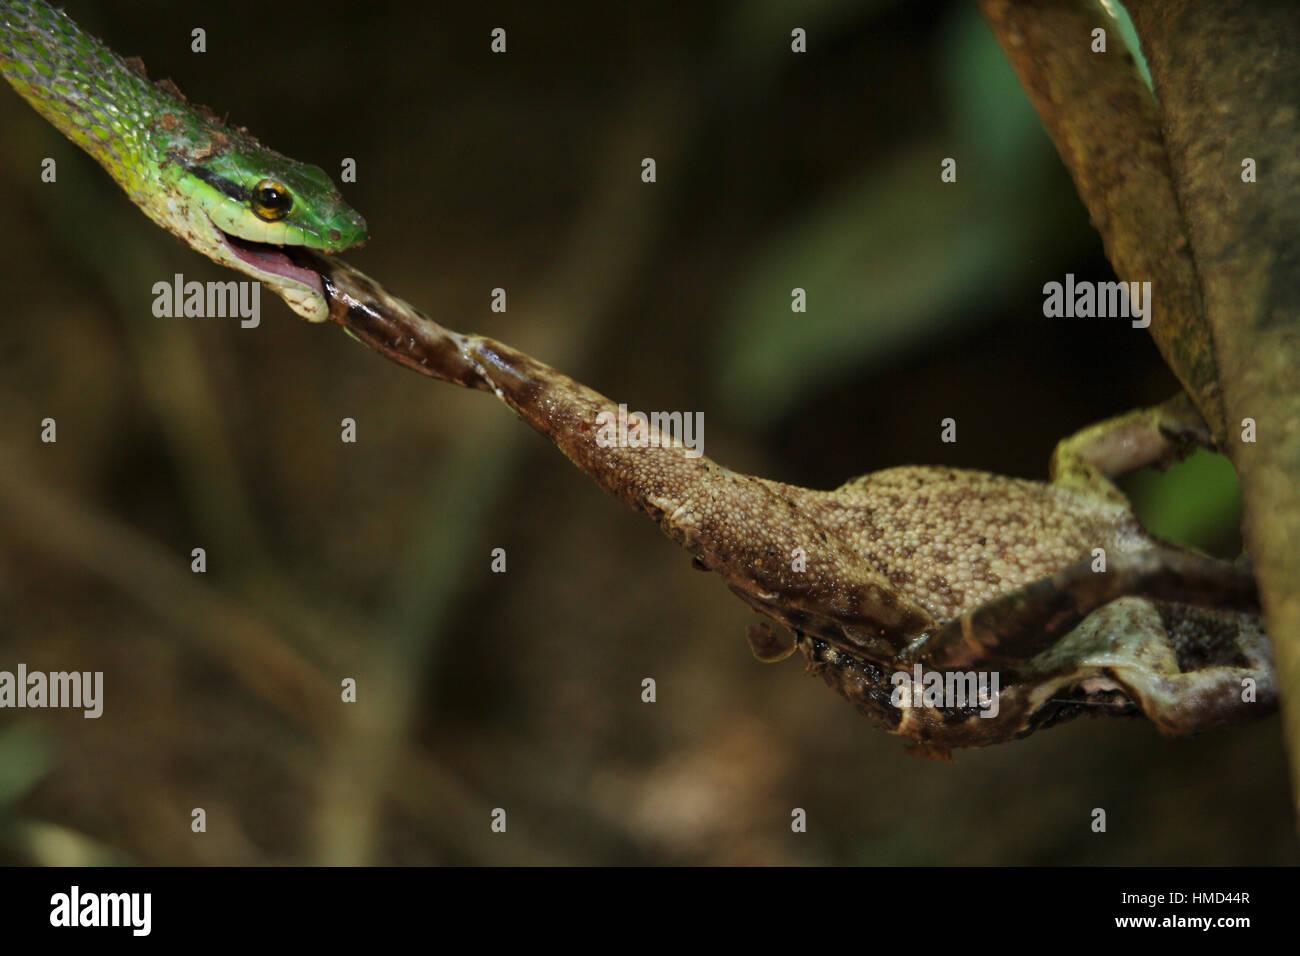 Perroquet vert serpent (Leptophis ahaetulla) prendre une à peau lisse (Bufo) haematiticus sur une rive du fleuve. Photo Stock